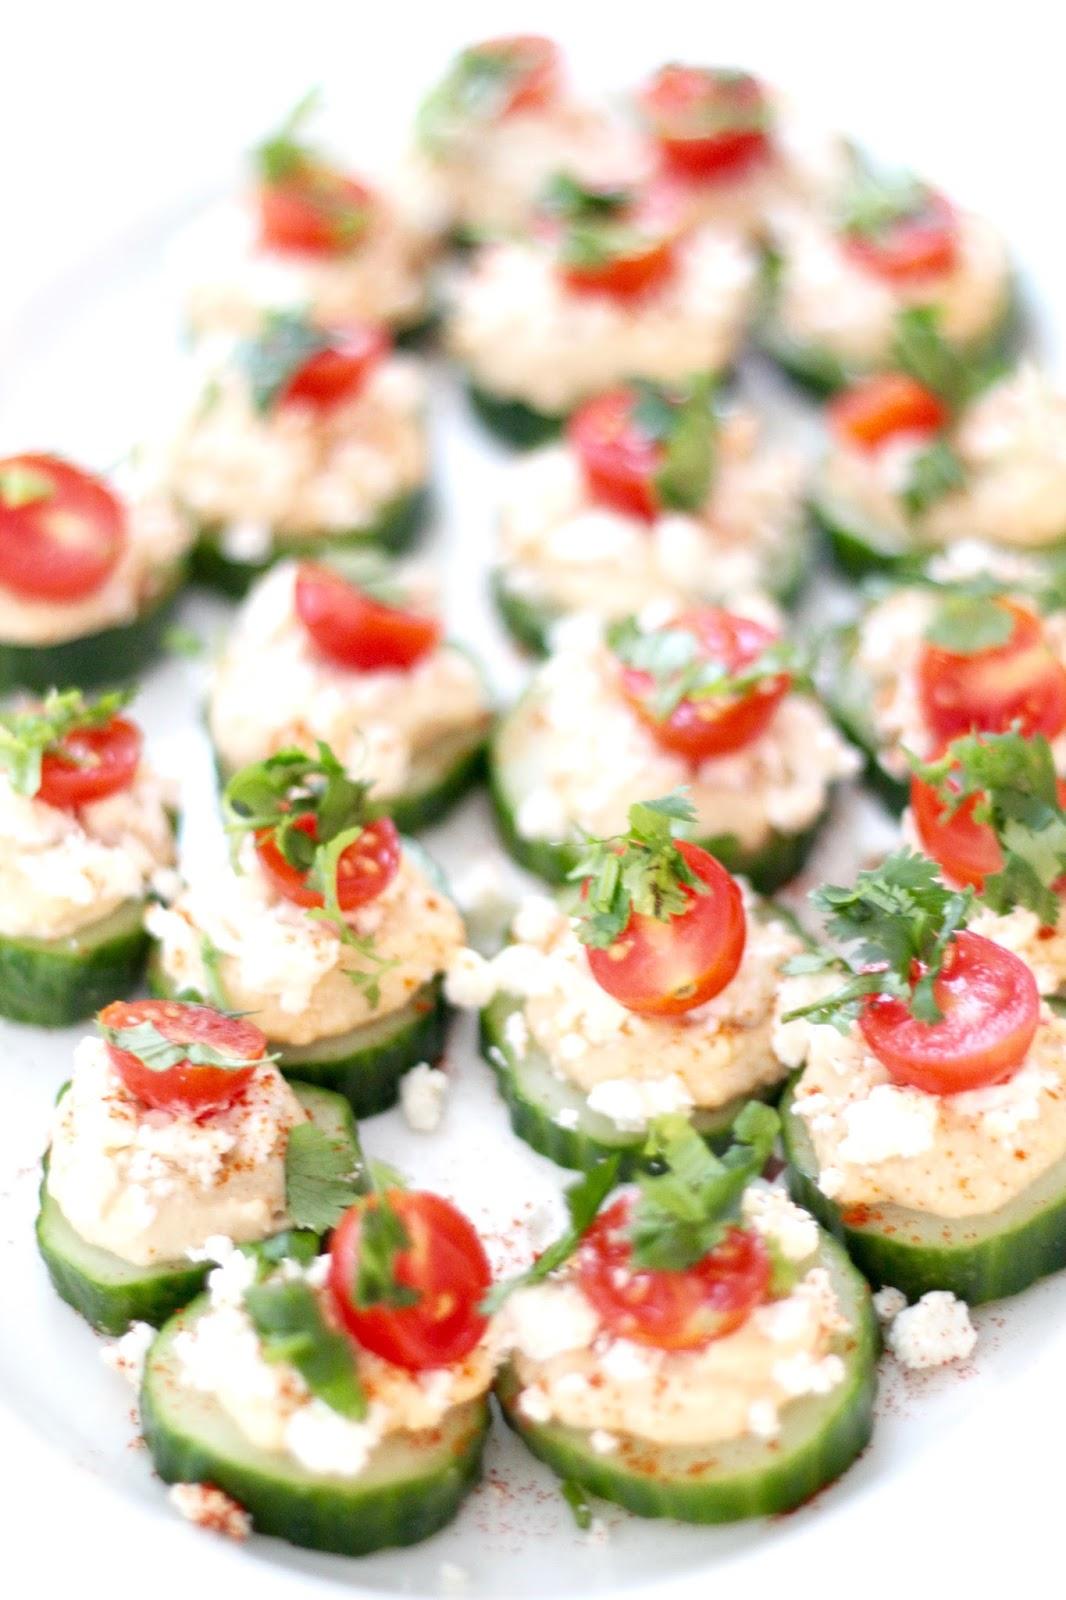 Cucumber and Hummus Bites